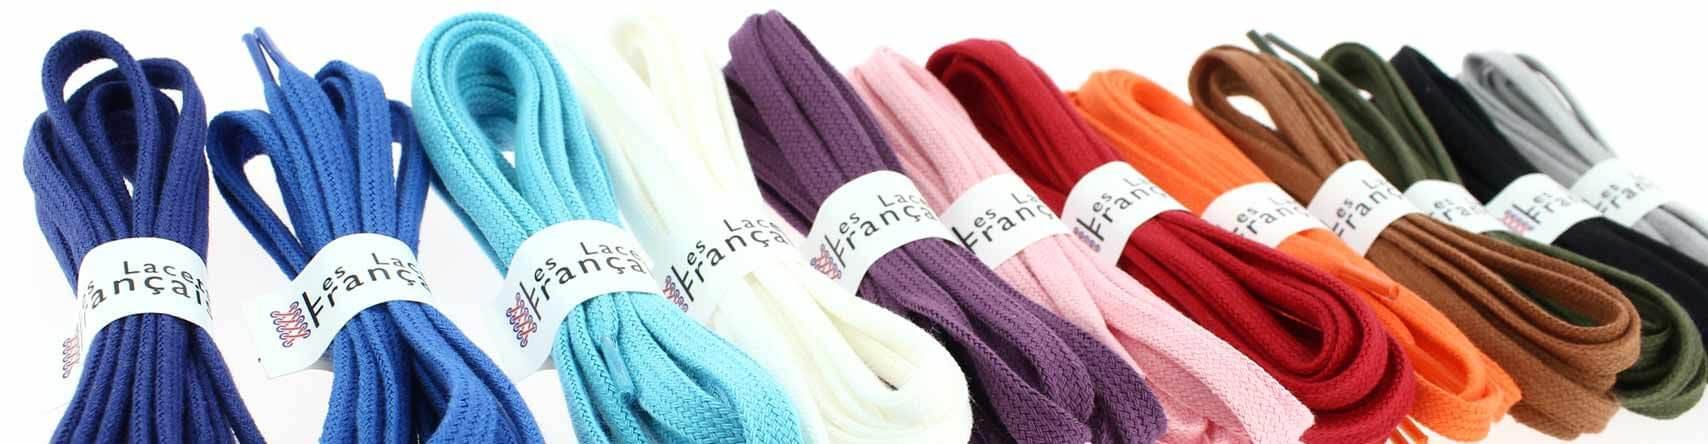 Découvrez notre gamme de lacets de couleur